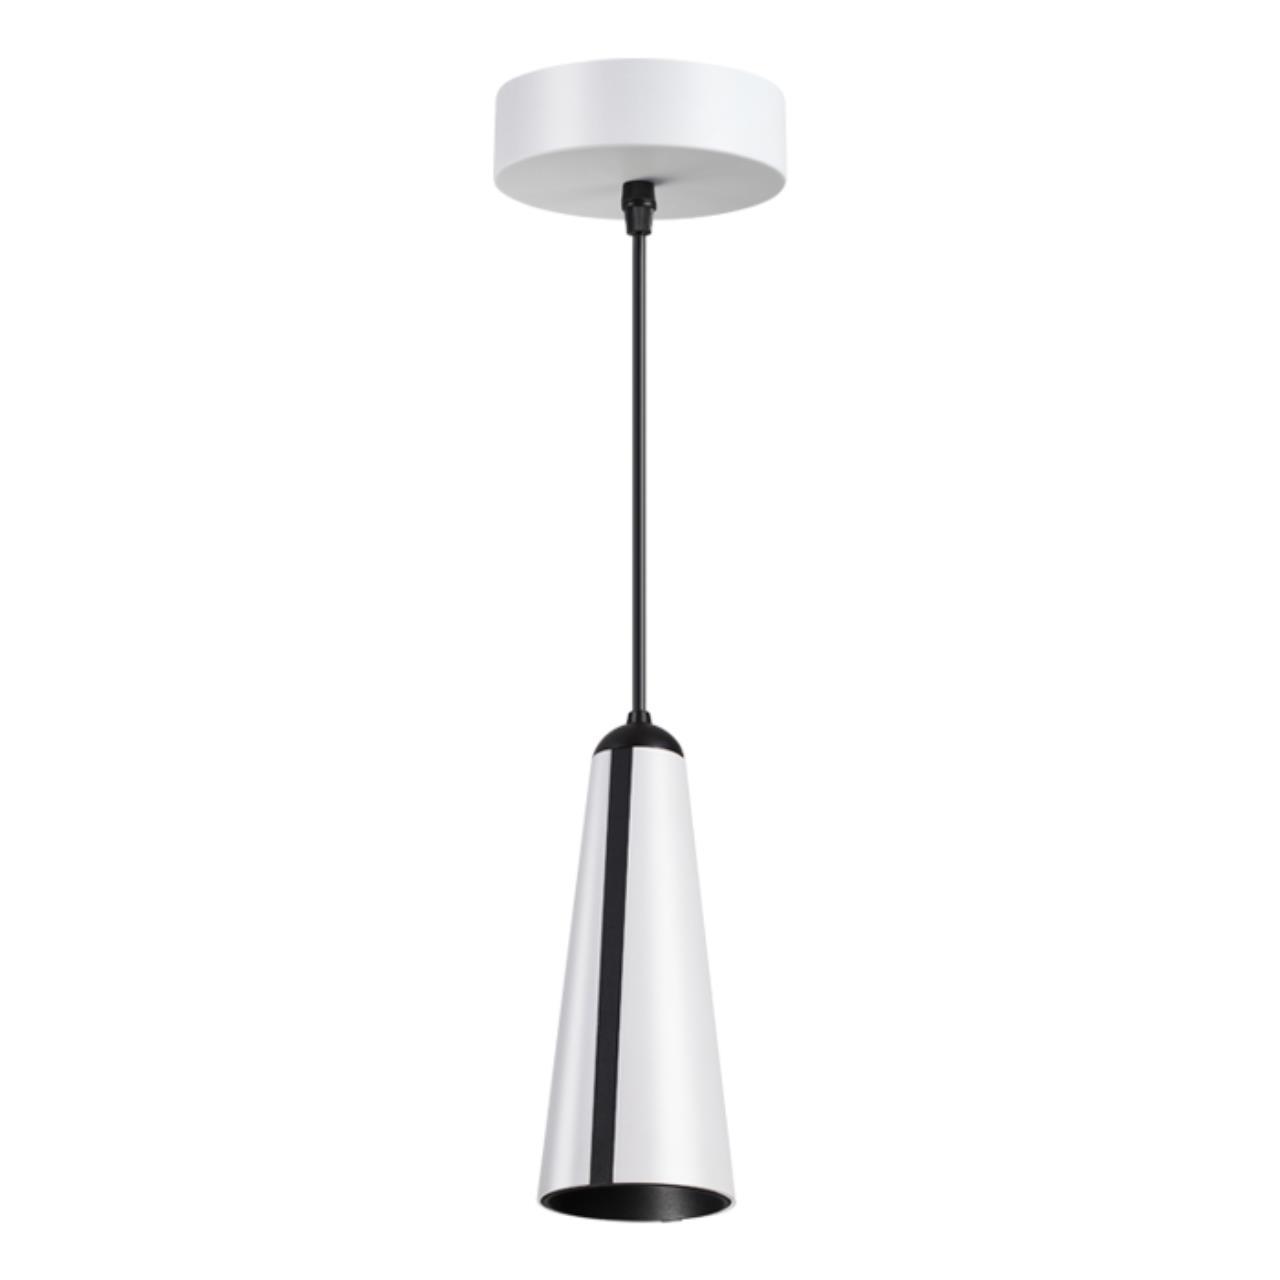 357865 OVER NT18 056 белый/черный Накладной светильник IP20 LED 3000К 31W 220-240V ZEUS